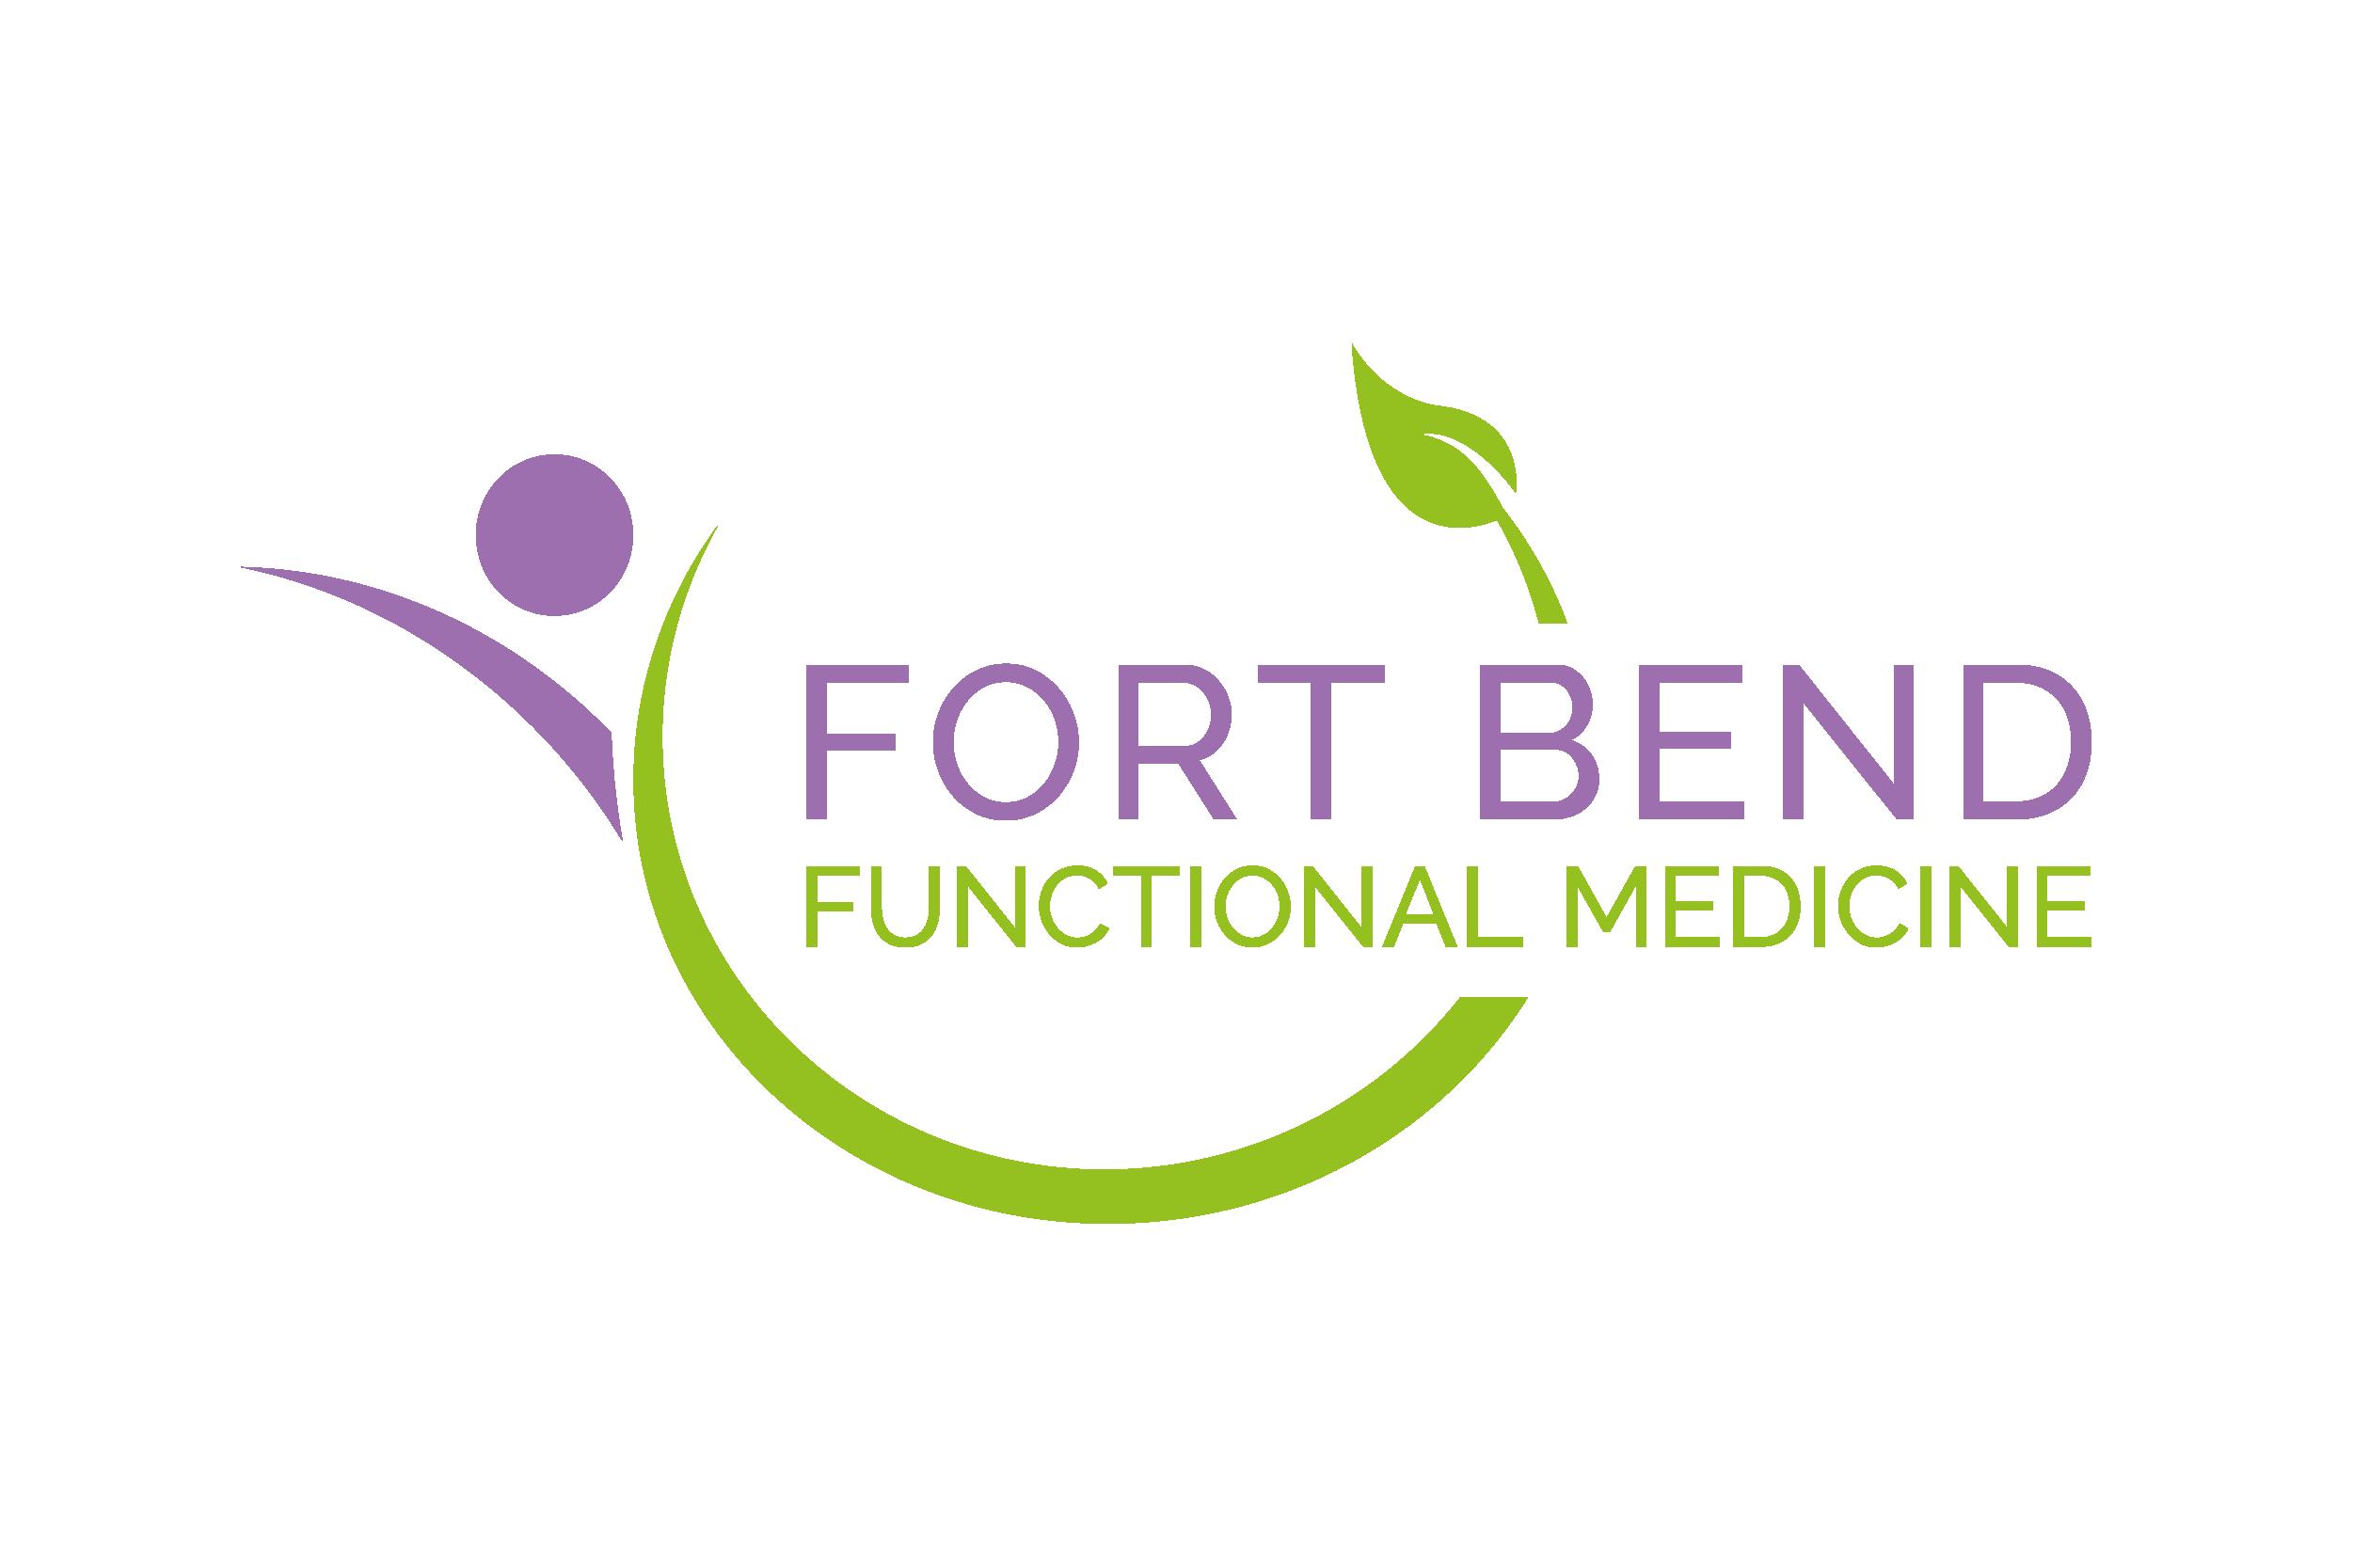 Fort Bend Functional Medicine